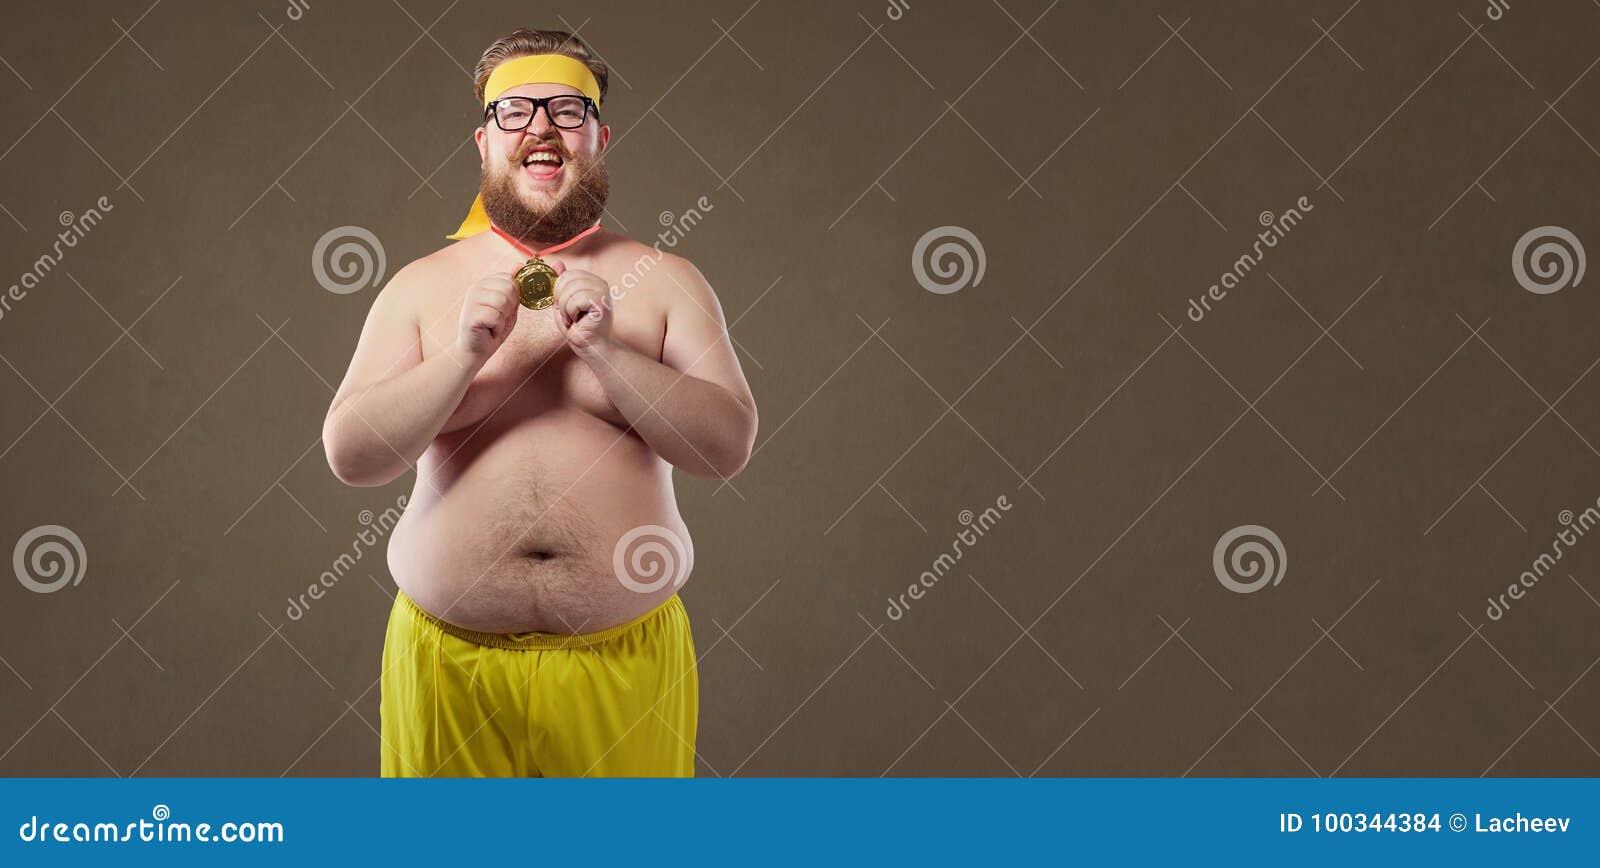 Dikke grappige mens met een medaille in zijn handen